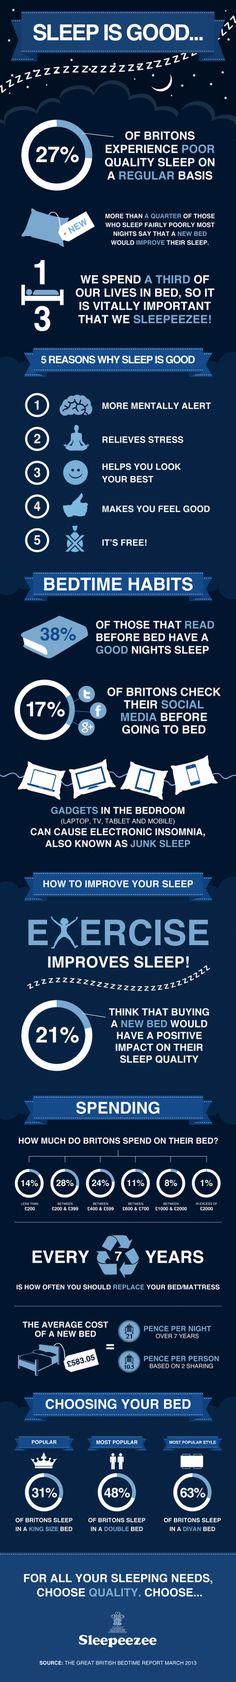 Sleep Is Good [INFOGRAPHIC]#sleep